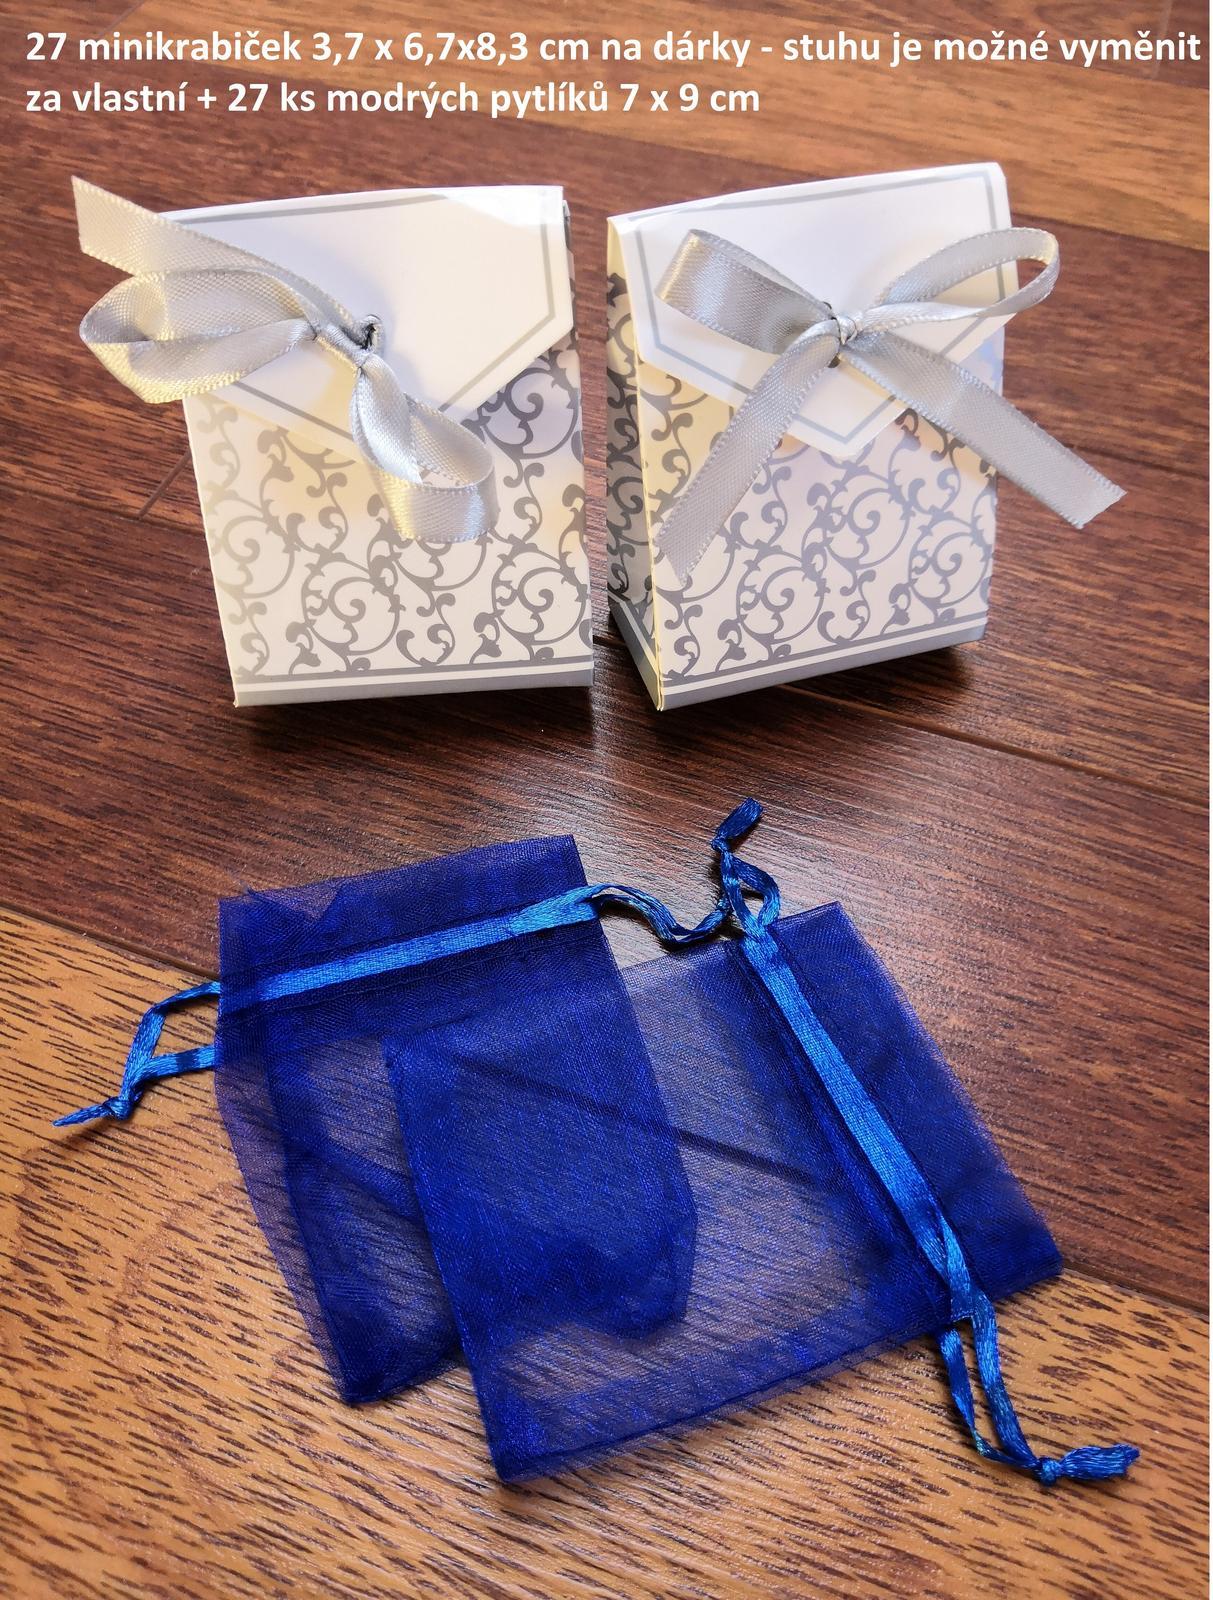 krabička na výslužky - Obrázek č. 1